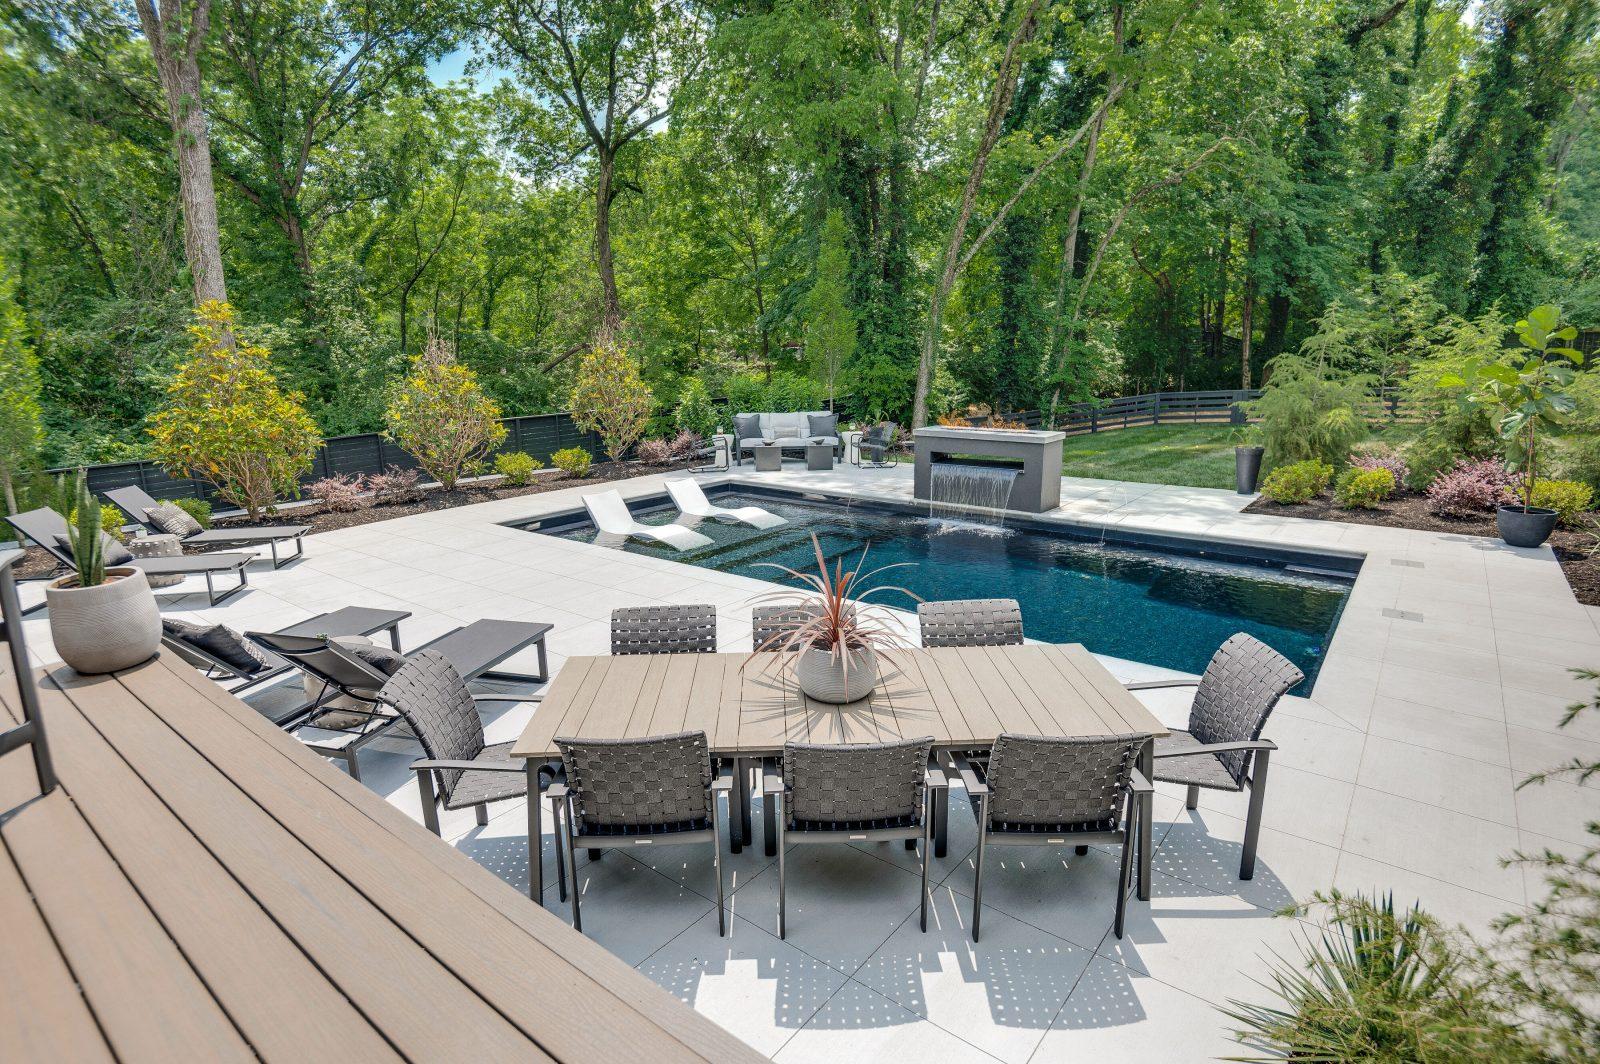 backyard pool and patio in green hills tn